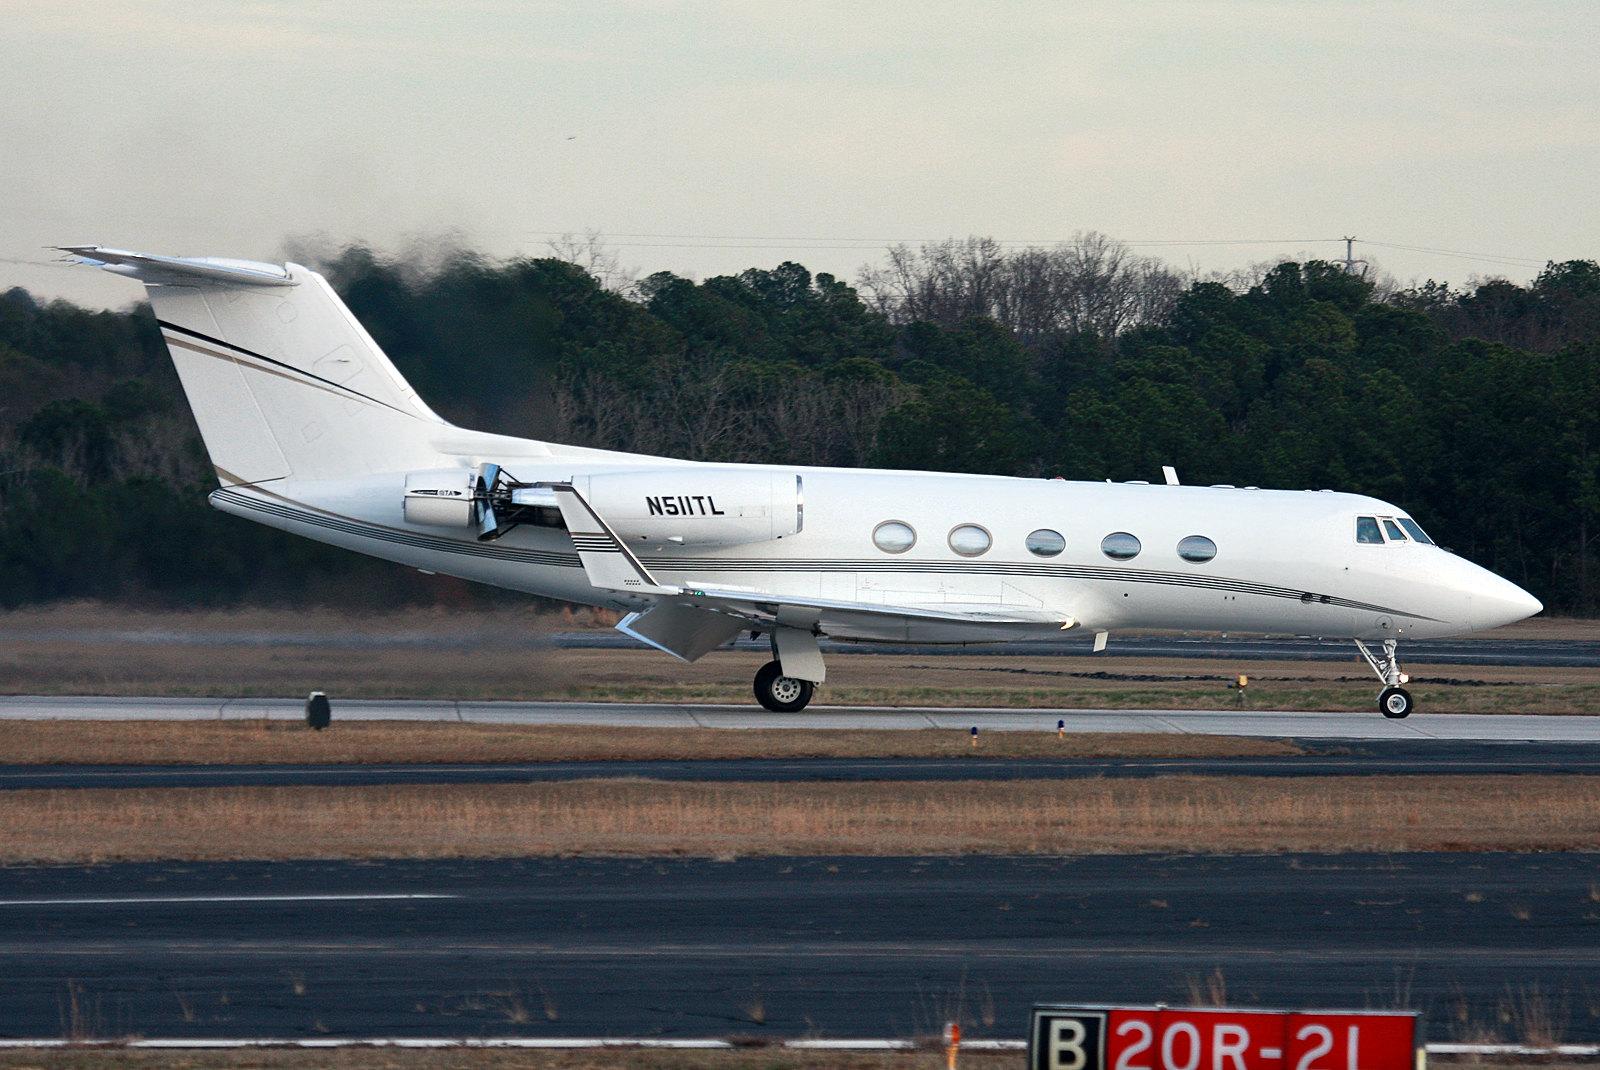 N511TL - Grumman Gulfstream IIB - KPDK - Jan 2013